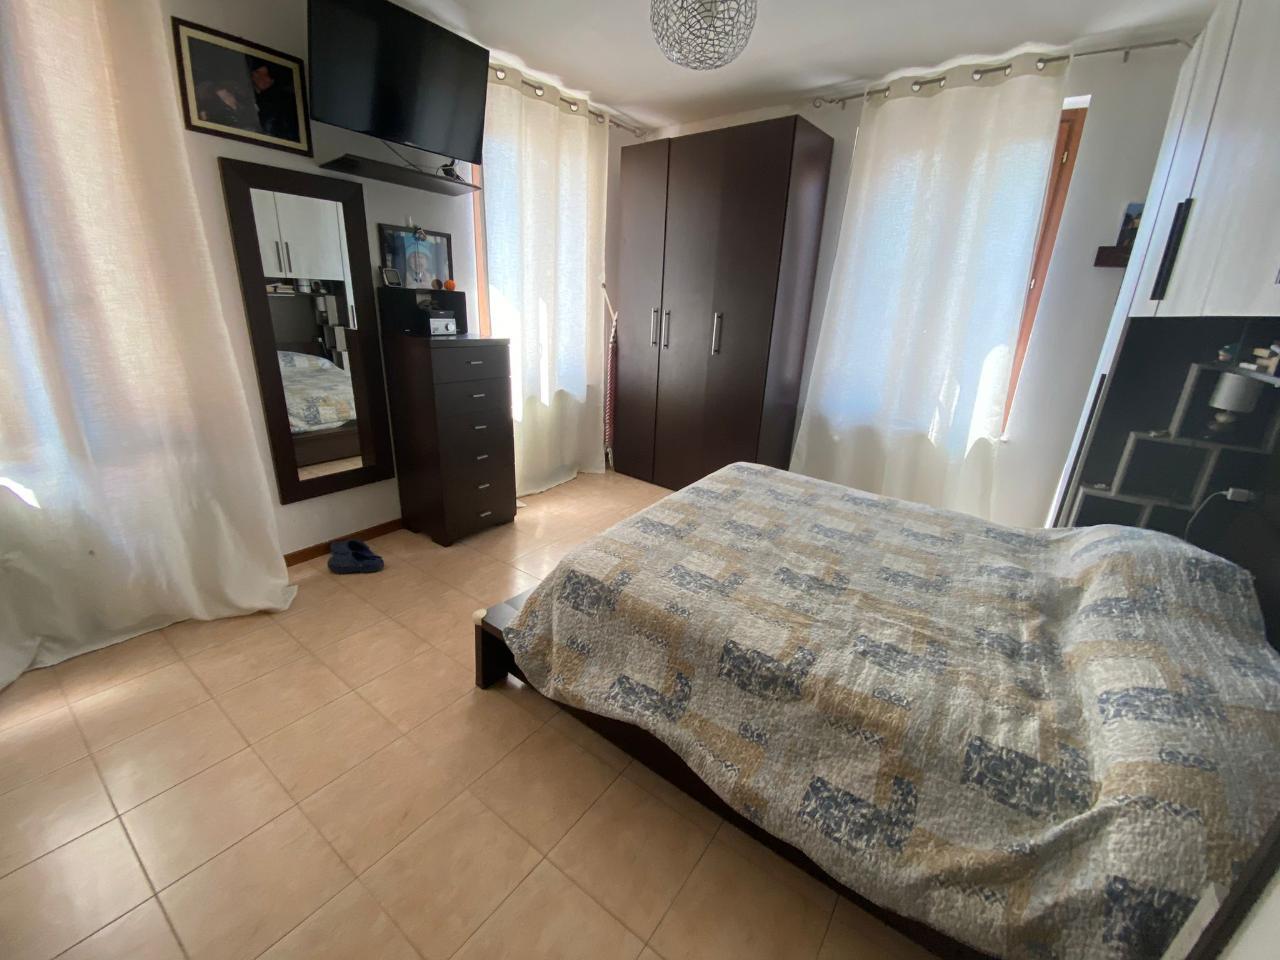 Appartamento PIEVE SAN GIACOMO €70.000,00